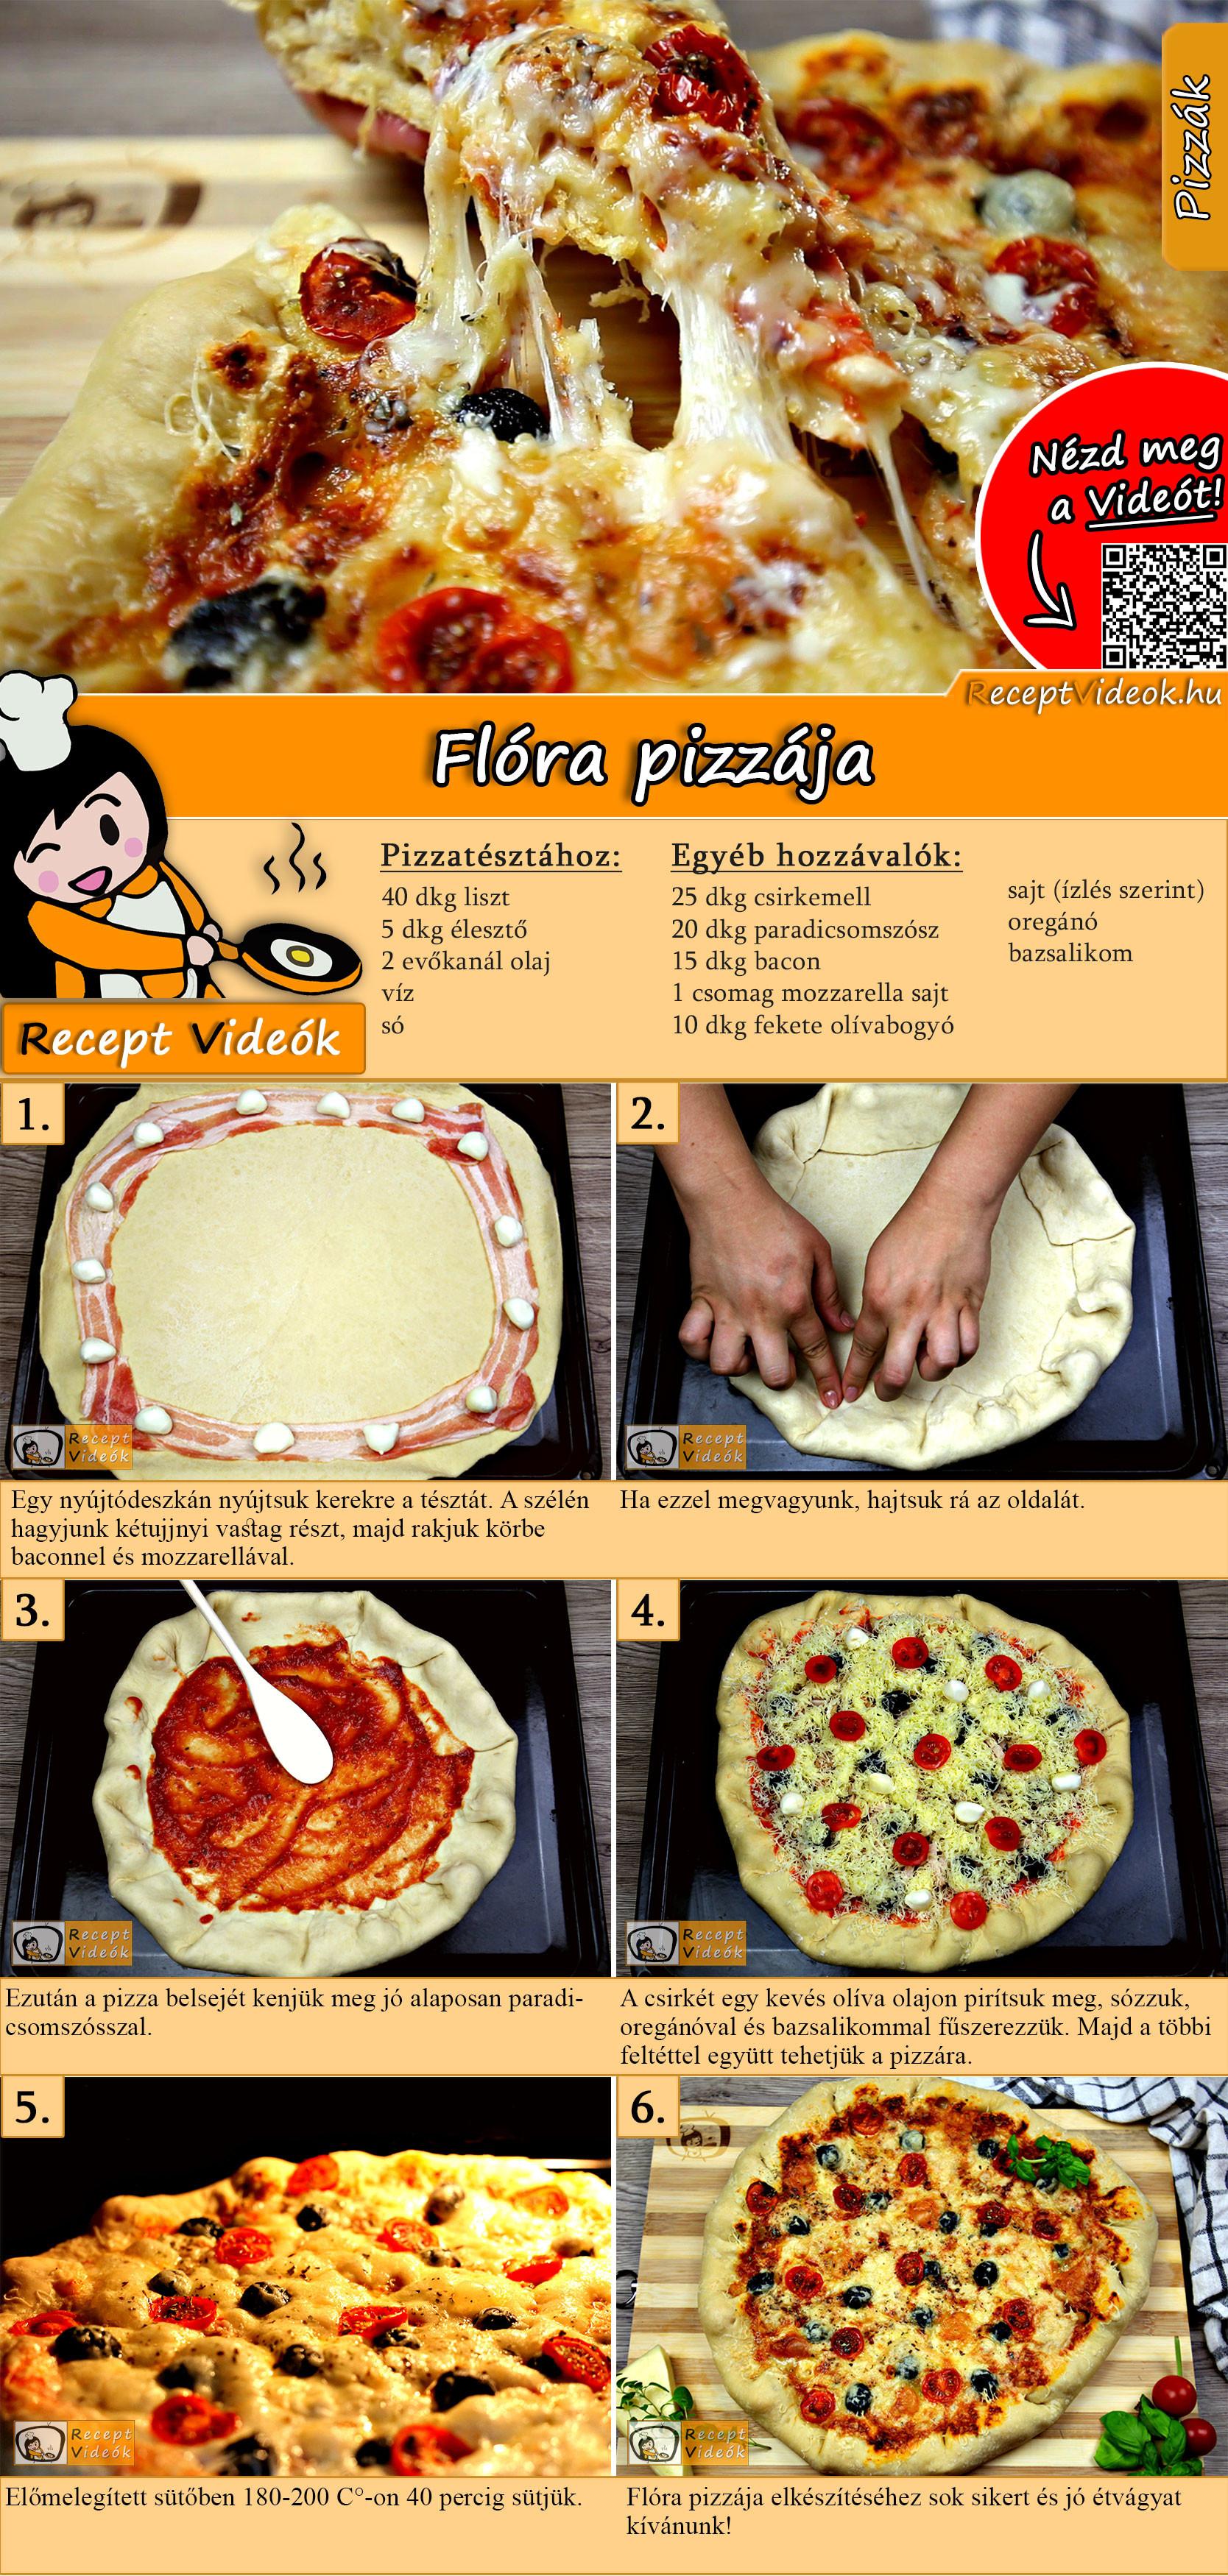 Flóra pizzája recept elkészítése videóval